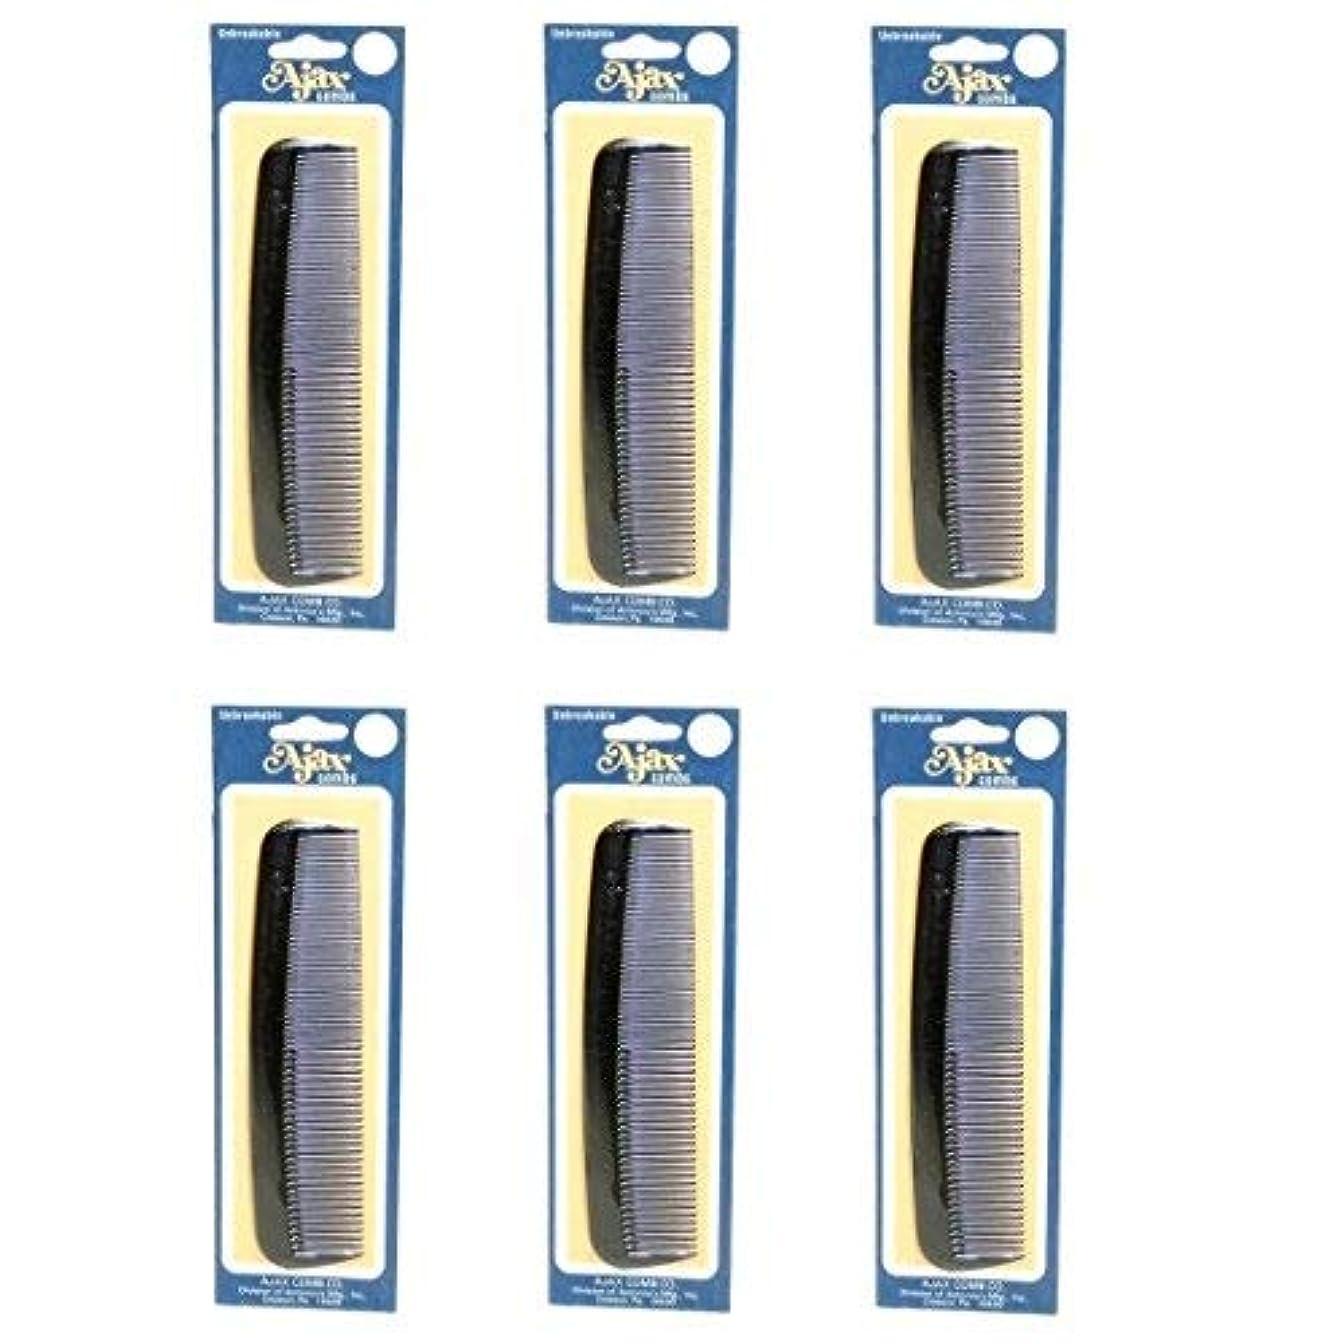 アジテーションそれぞれ偏心Ajax Unbreakable Hair Combs Super Flexible Pocket Sized Lifetime Guarantee - Proudly Made in the USA (Pack of...